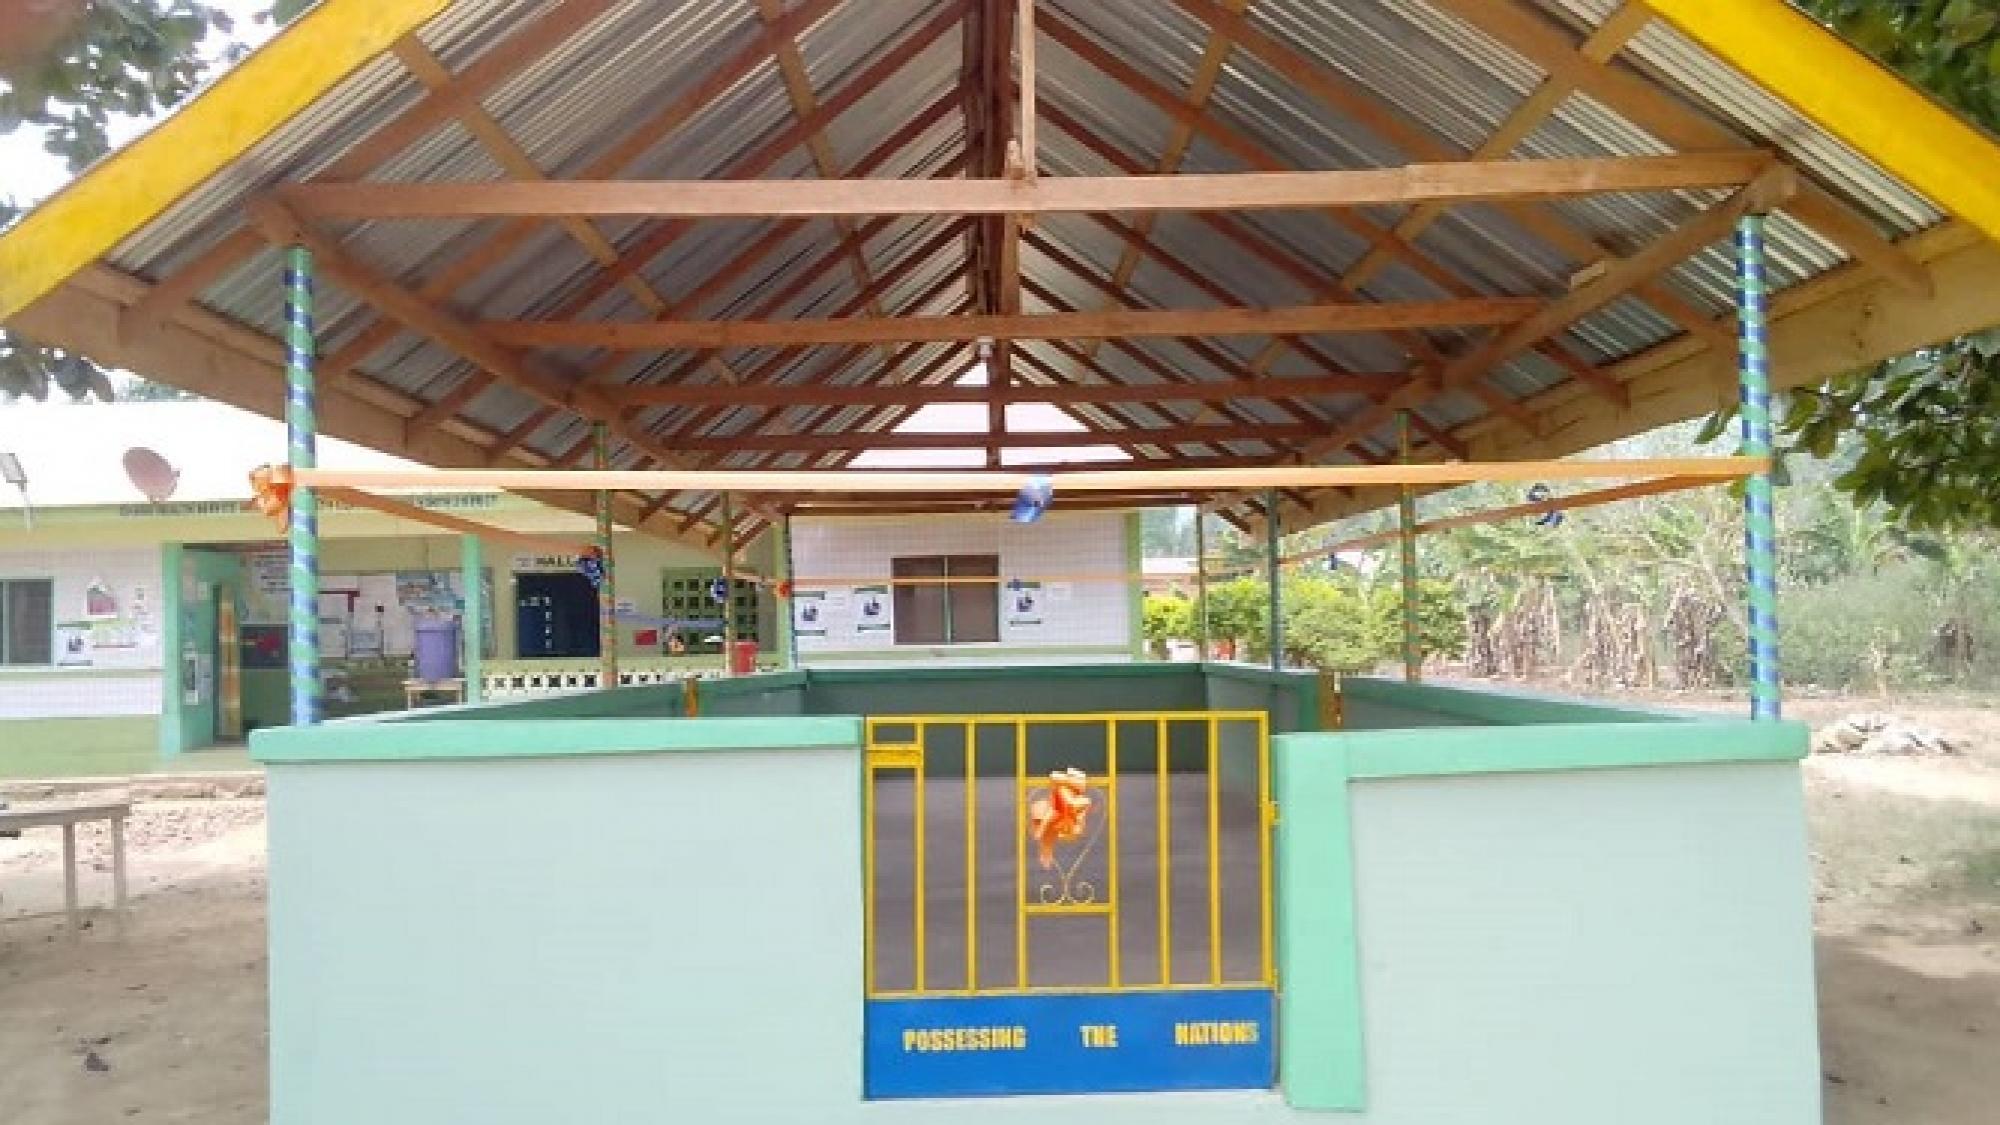 pavillion